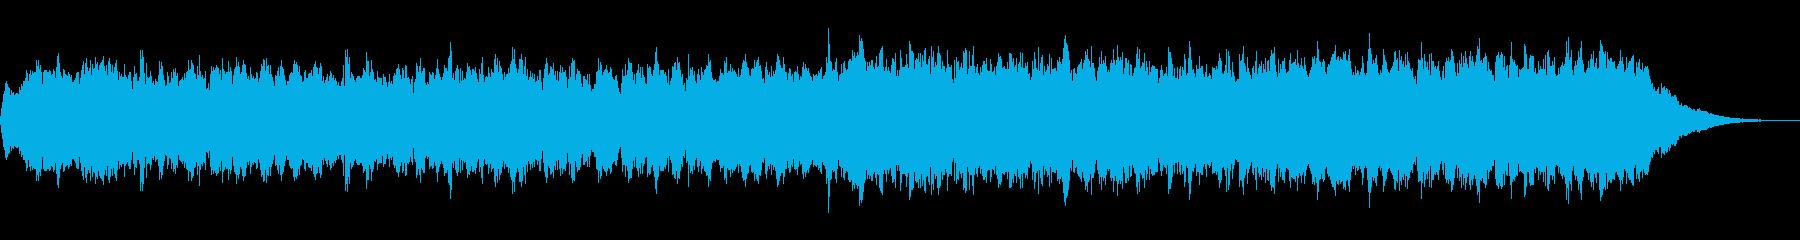 復活のテーマ30秒BGMの再生済みの波形